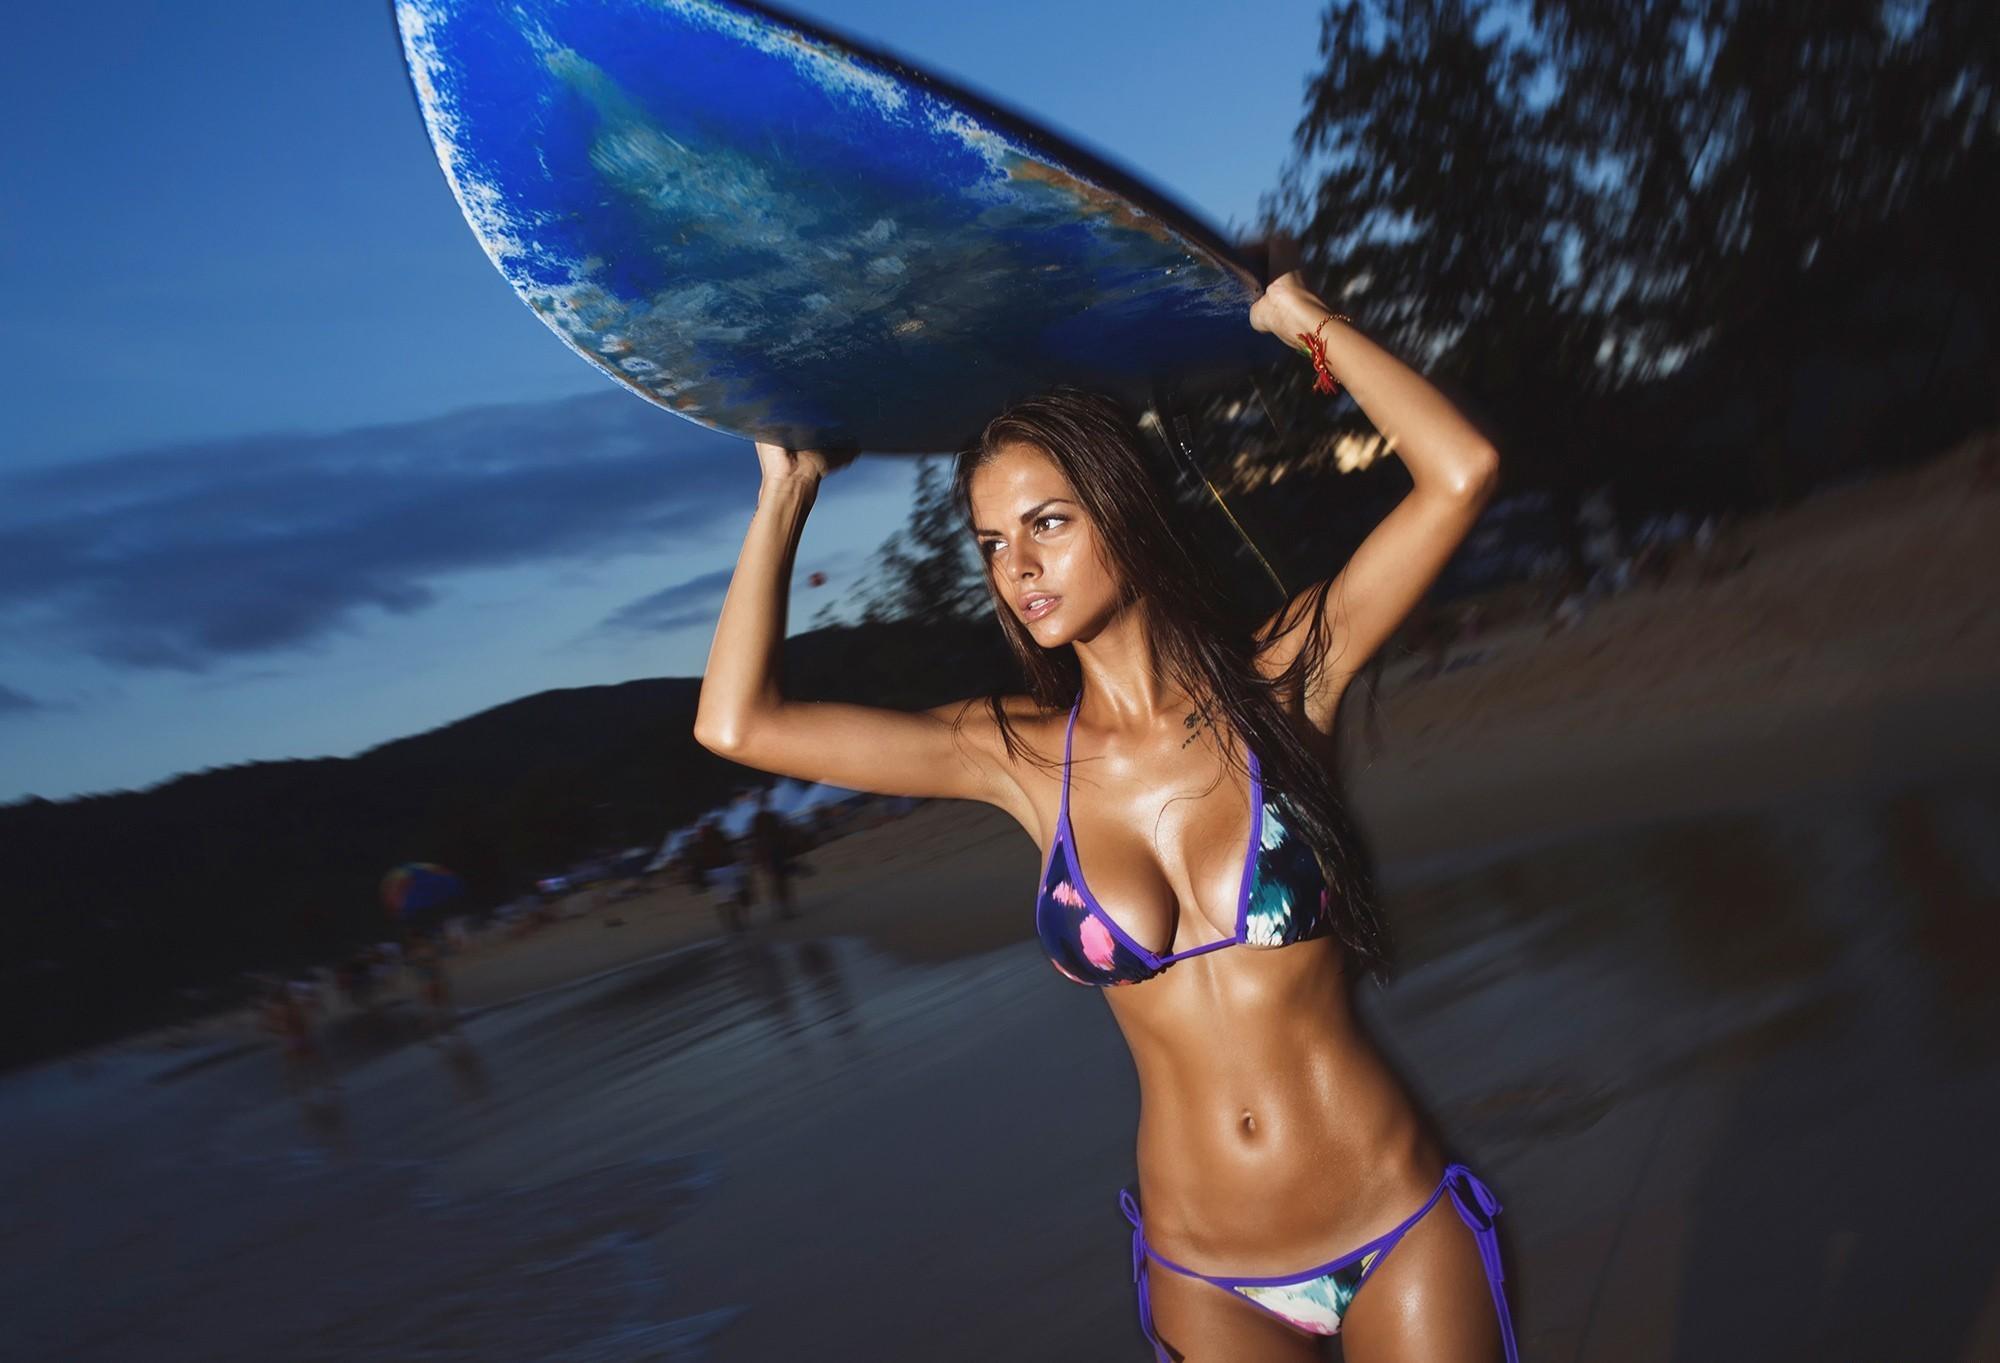 Youtube Alexa Vega nudes (93 photos), Ass, Fappening, Selfie, butt 2006